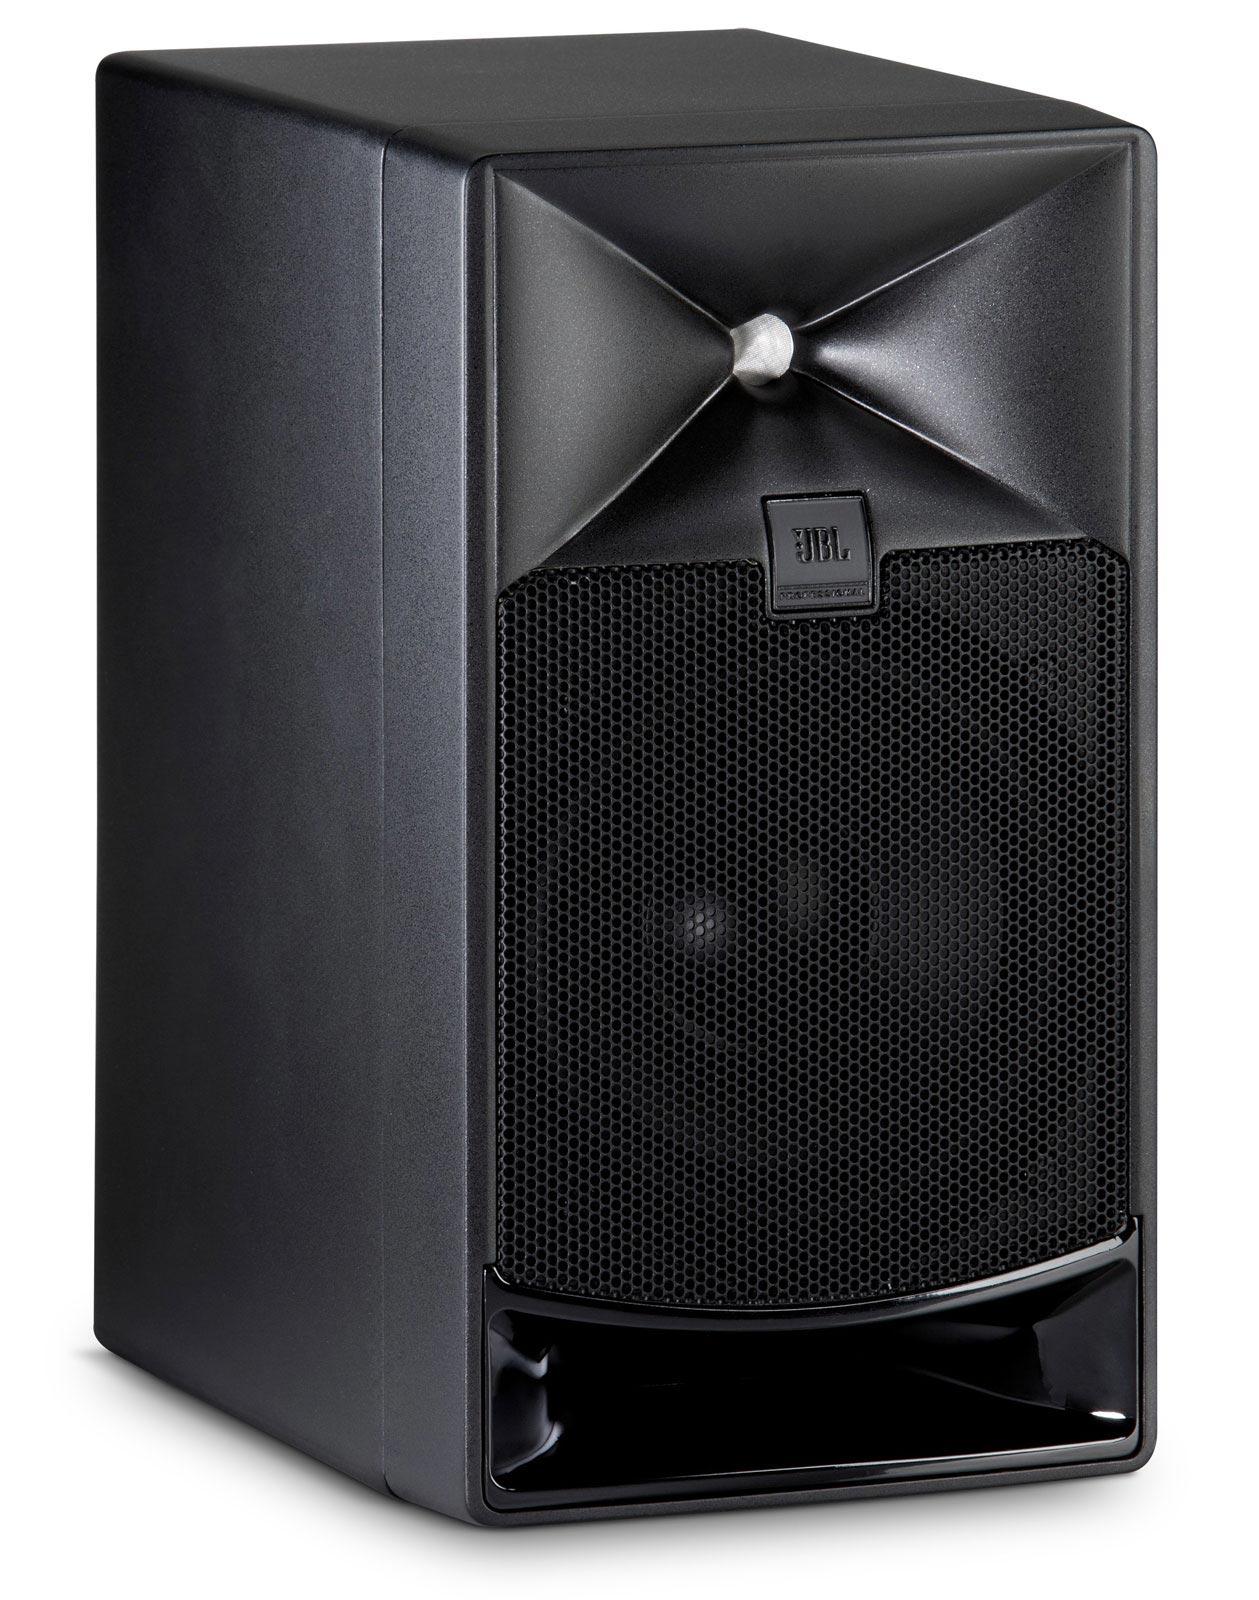 Enceinte de monitoring passive JBL LSR 705i - Noir (l'unité)